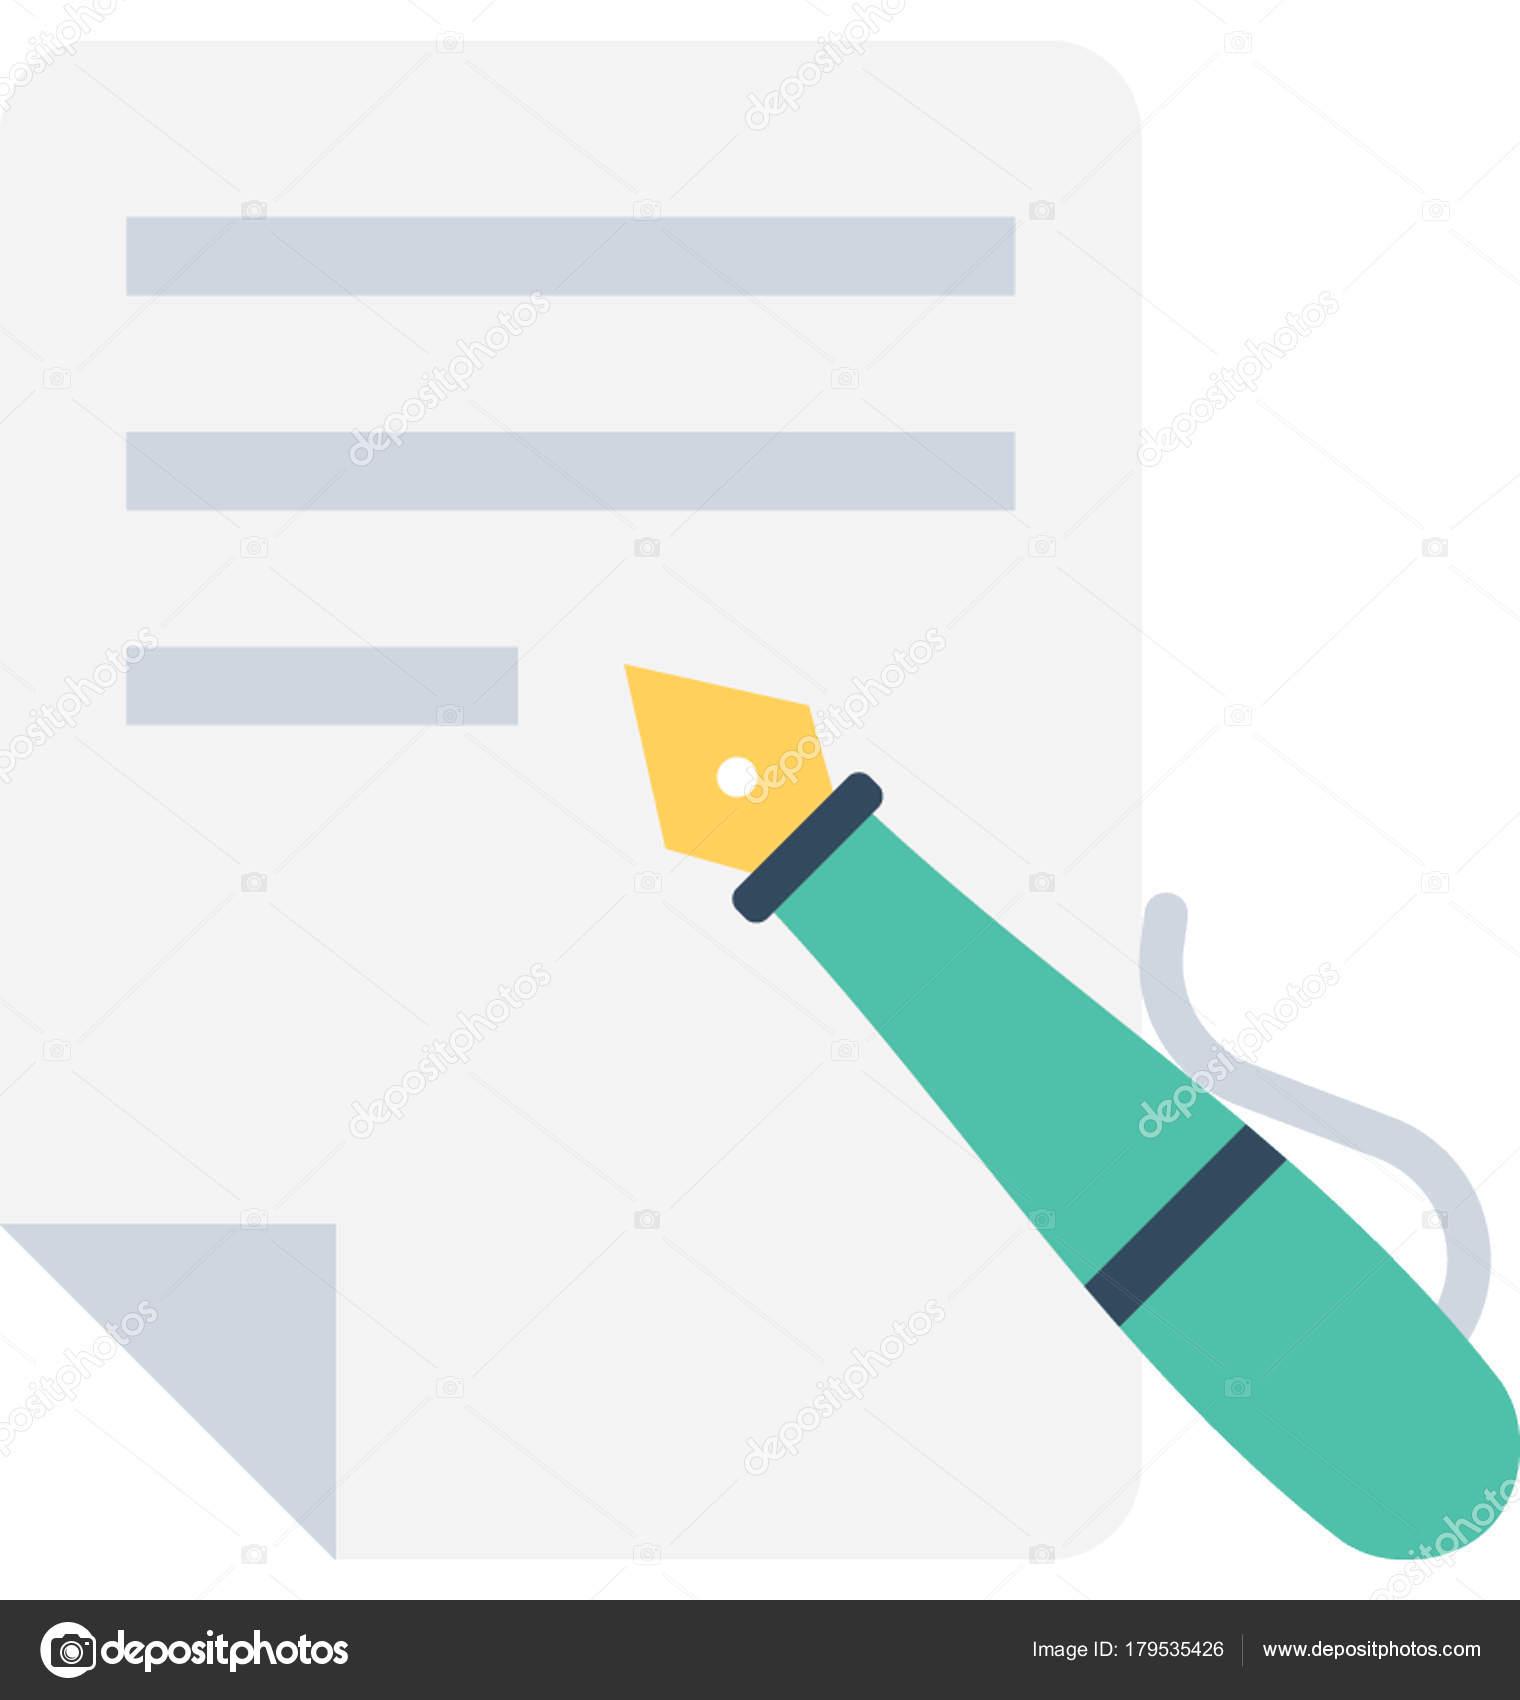 Icono Vector Plano Escritura — Archivo Imágenes Vectoriales ...